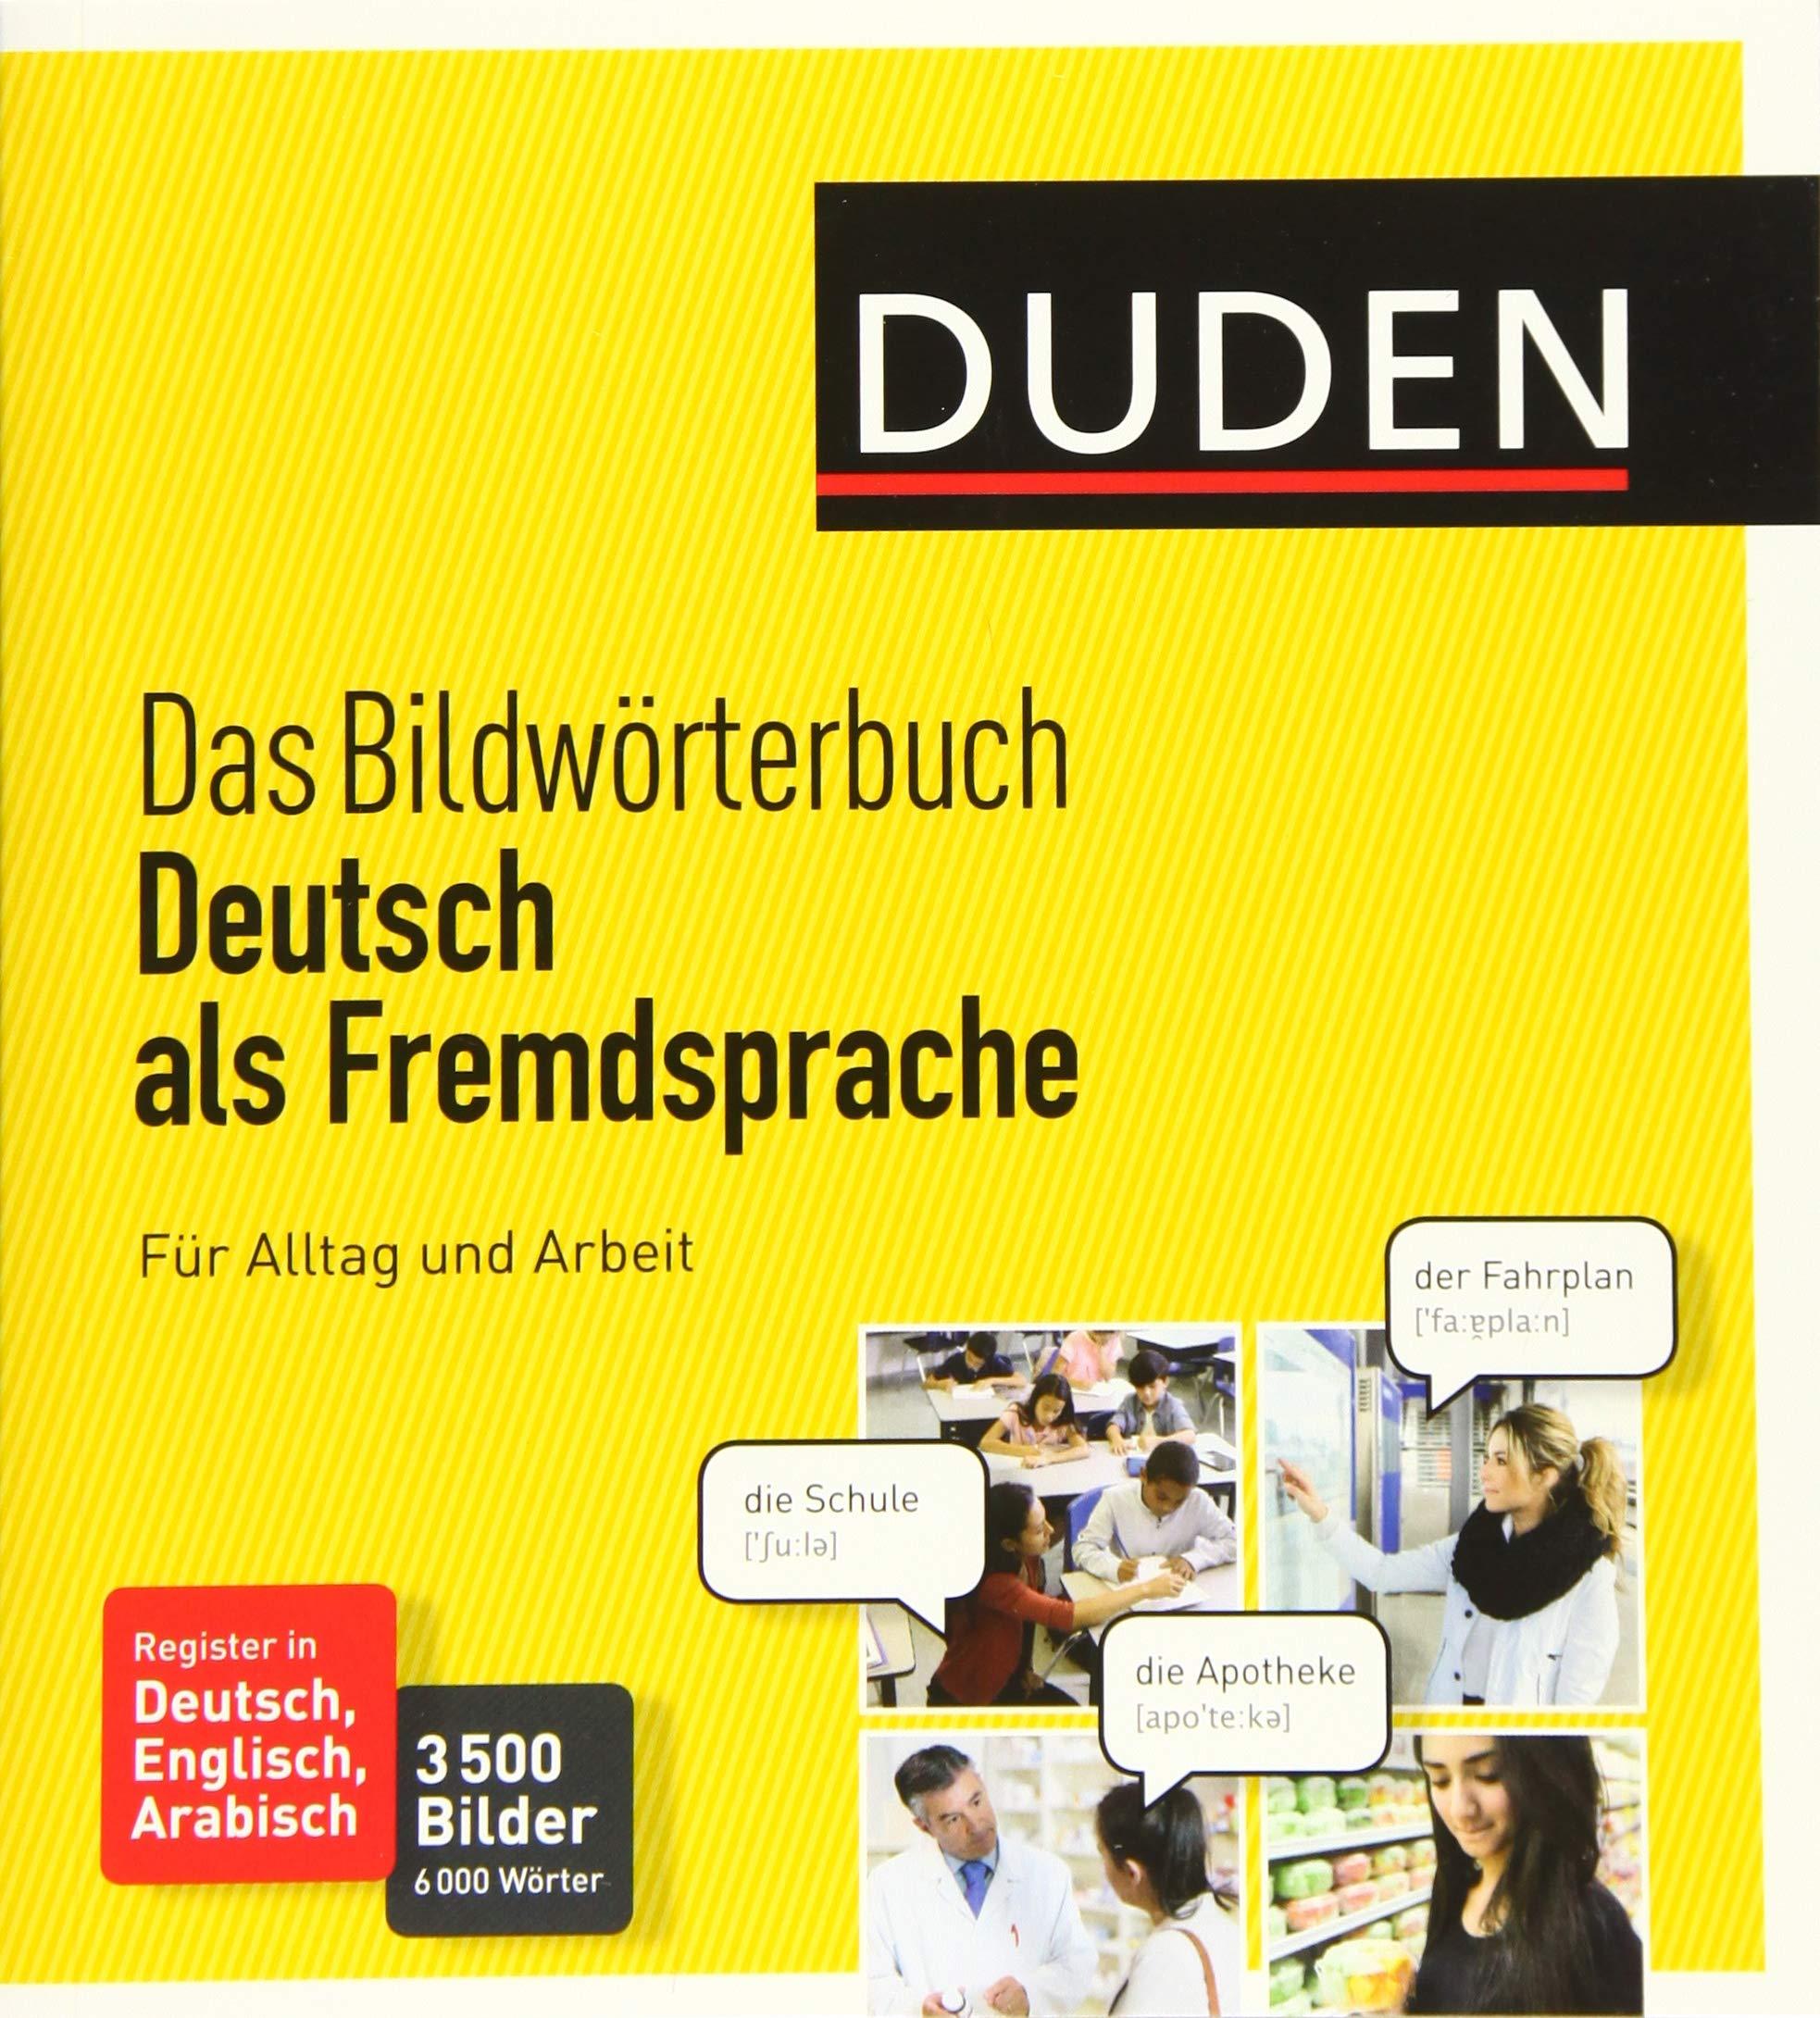 Duden   Das Bildwörterbuch Deutsch Als Fremdsprache. Für Alltag Und Arbeit  3500 Bilder Und 6000 Wörter